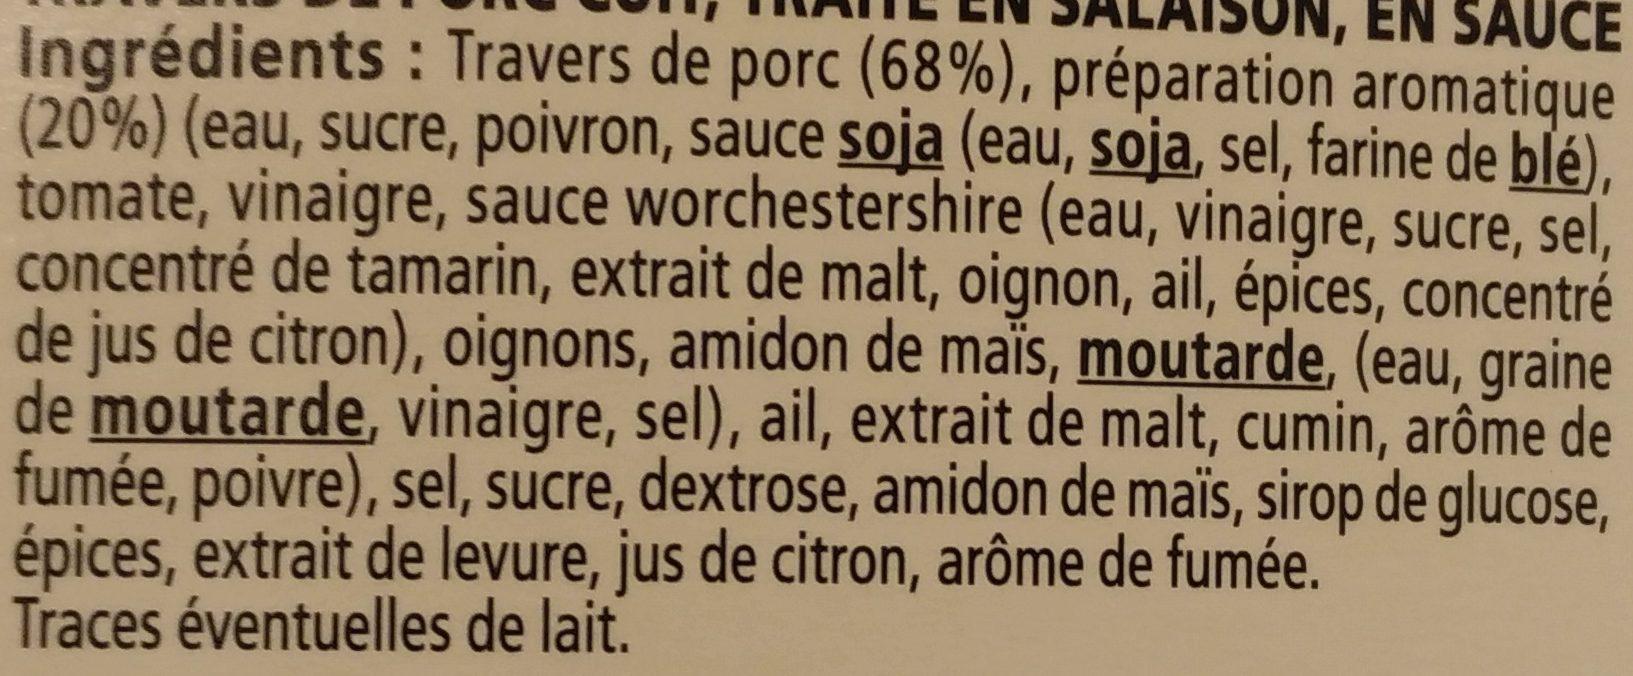 Ribs de Porc Sauce Barbecue - Ingrédients